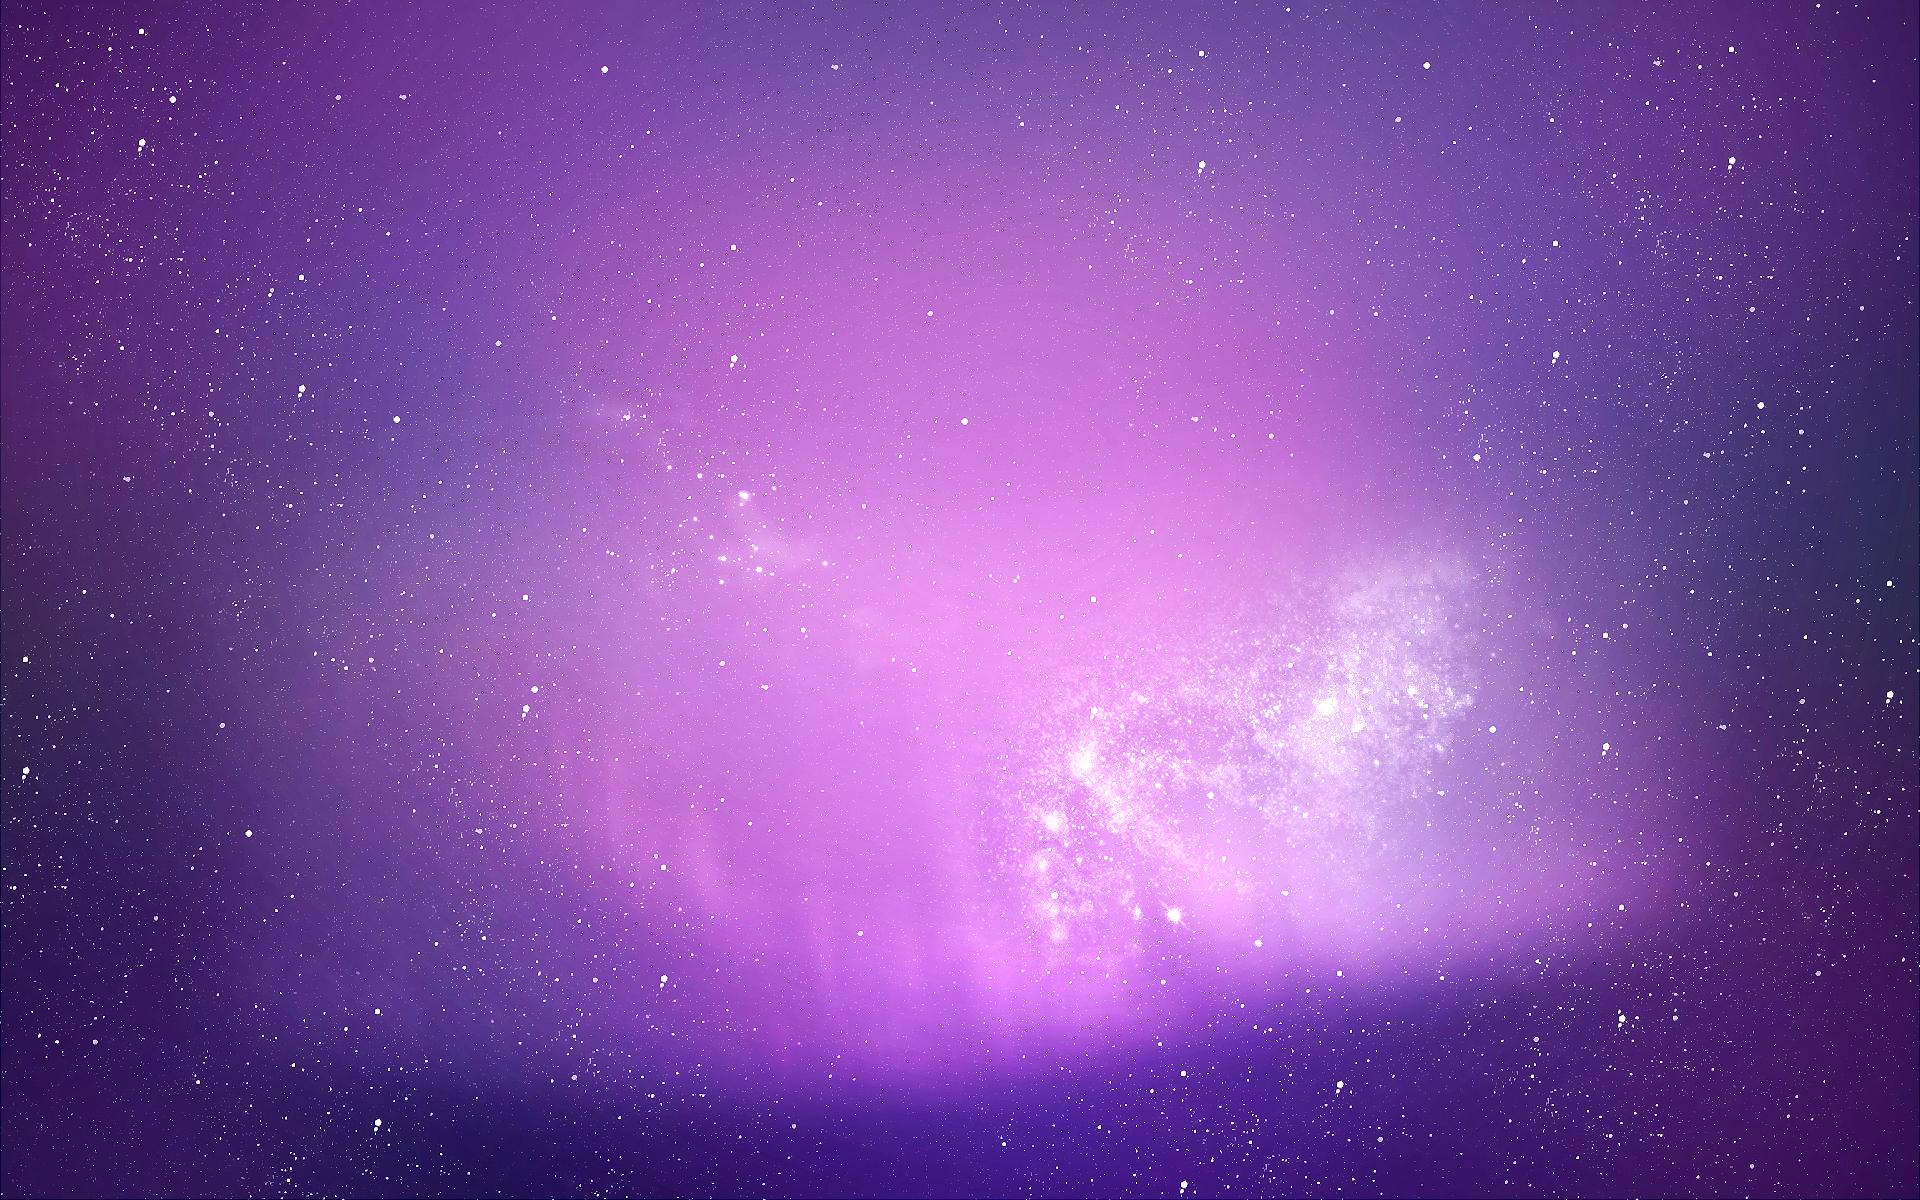 Galaxia digital - 1920x1200